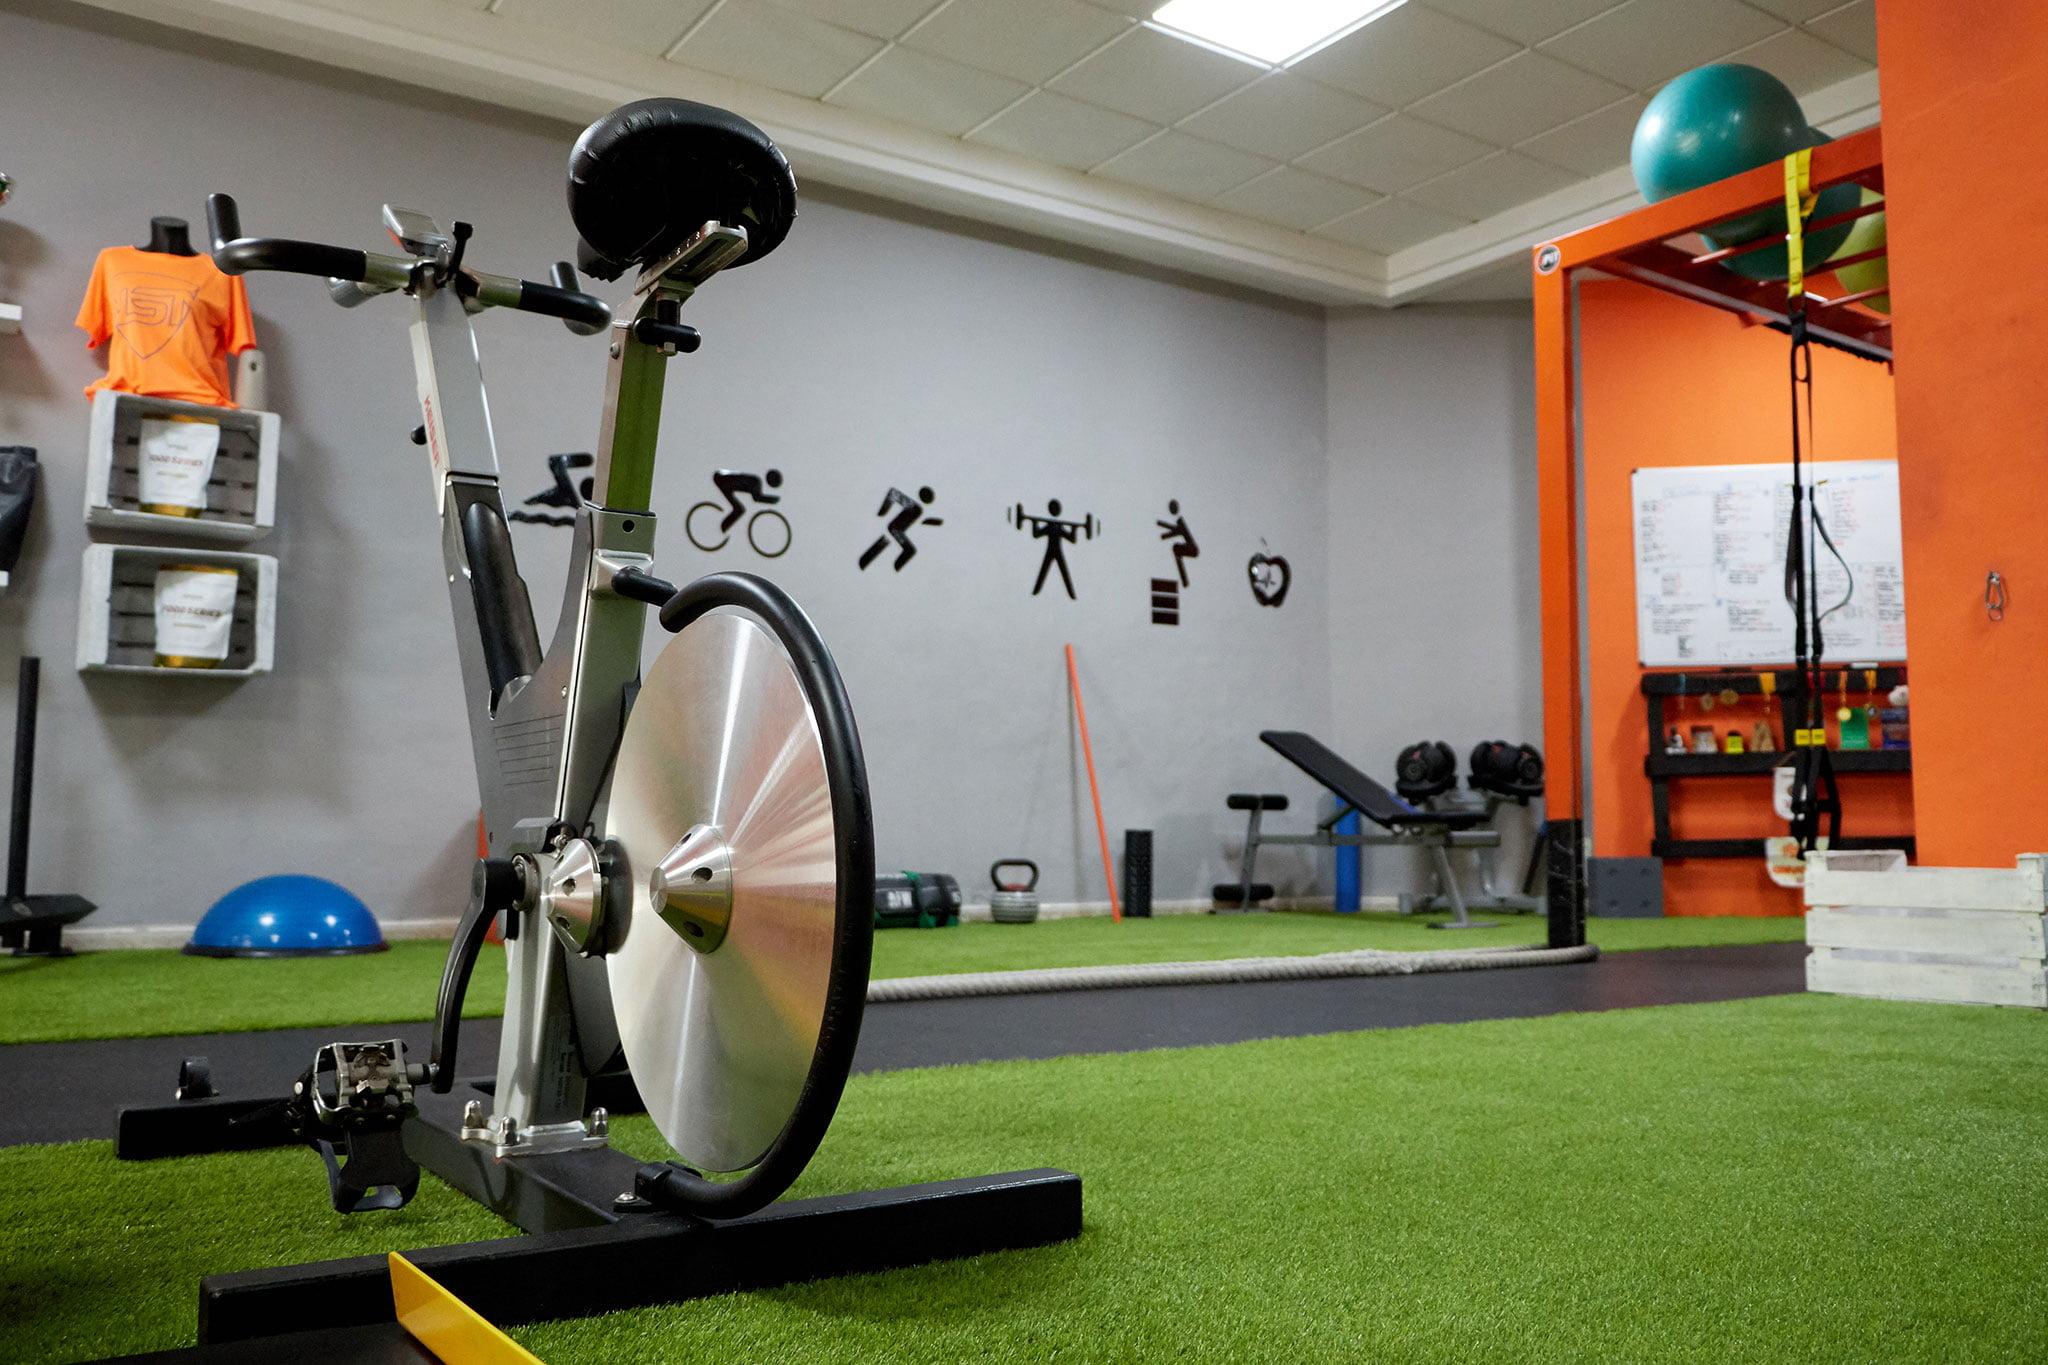 Cinco espacios individuales de entrenamiento con material propio – Bfit